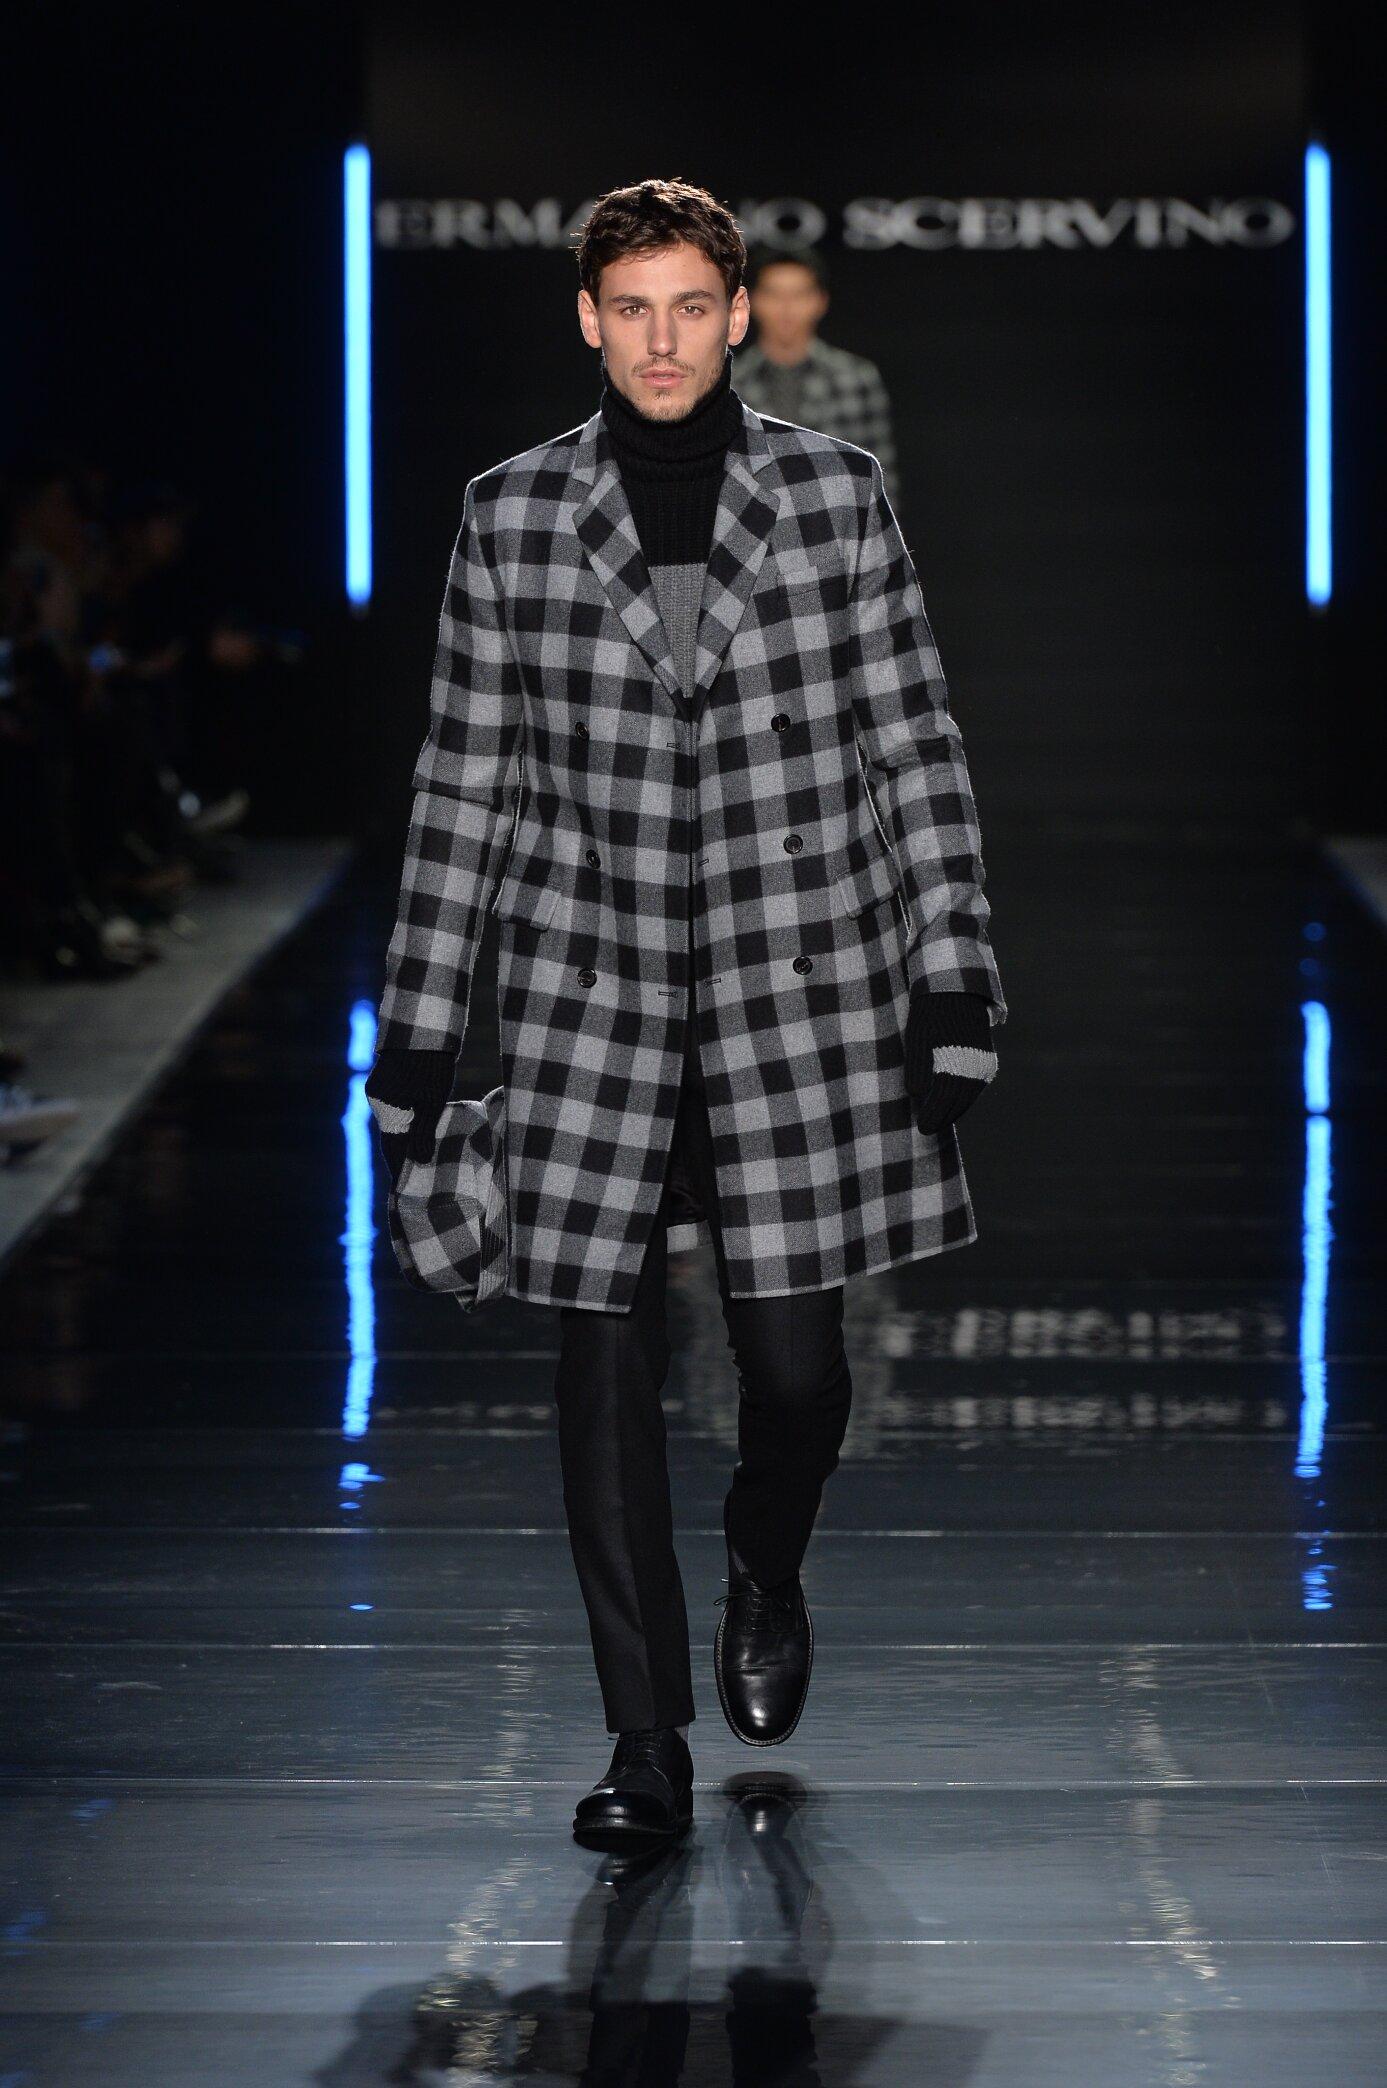 Fashion Winter Trends 2014 2015 Ermanno Scervino